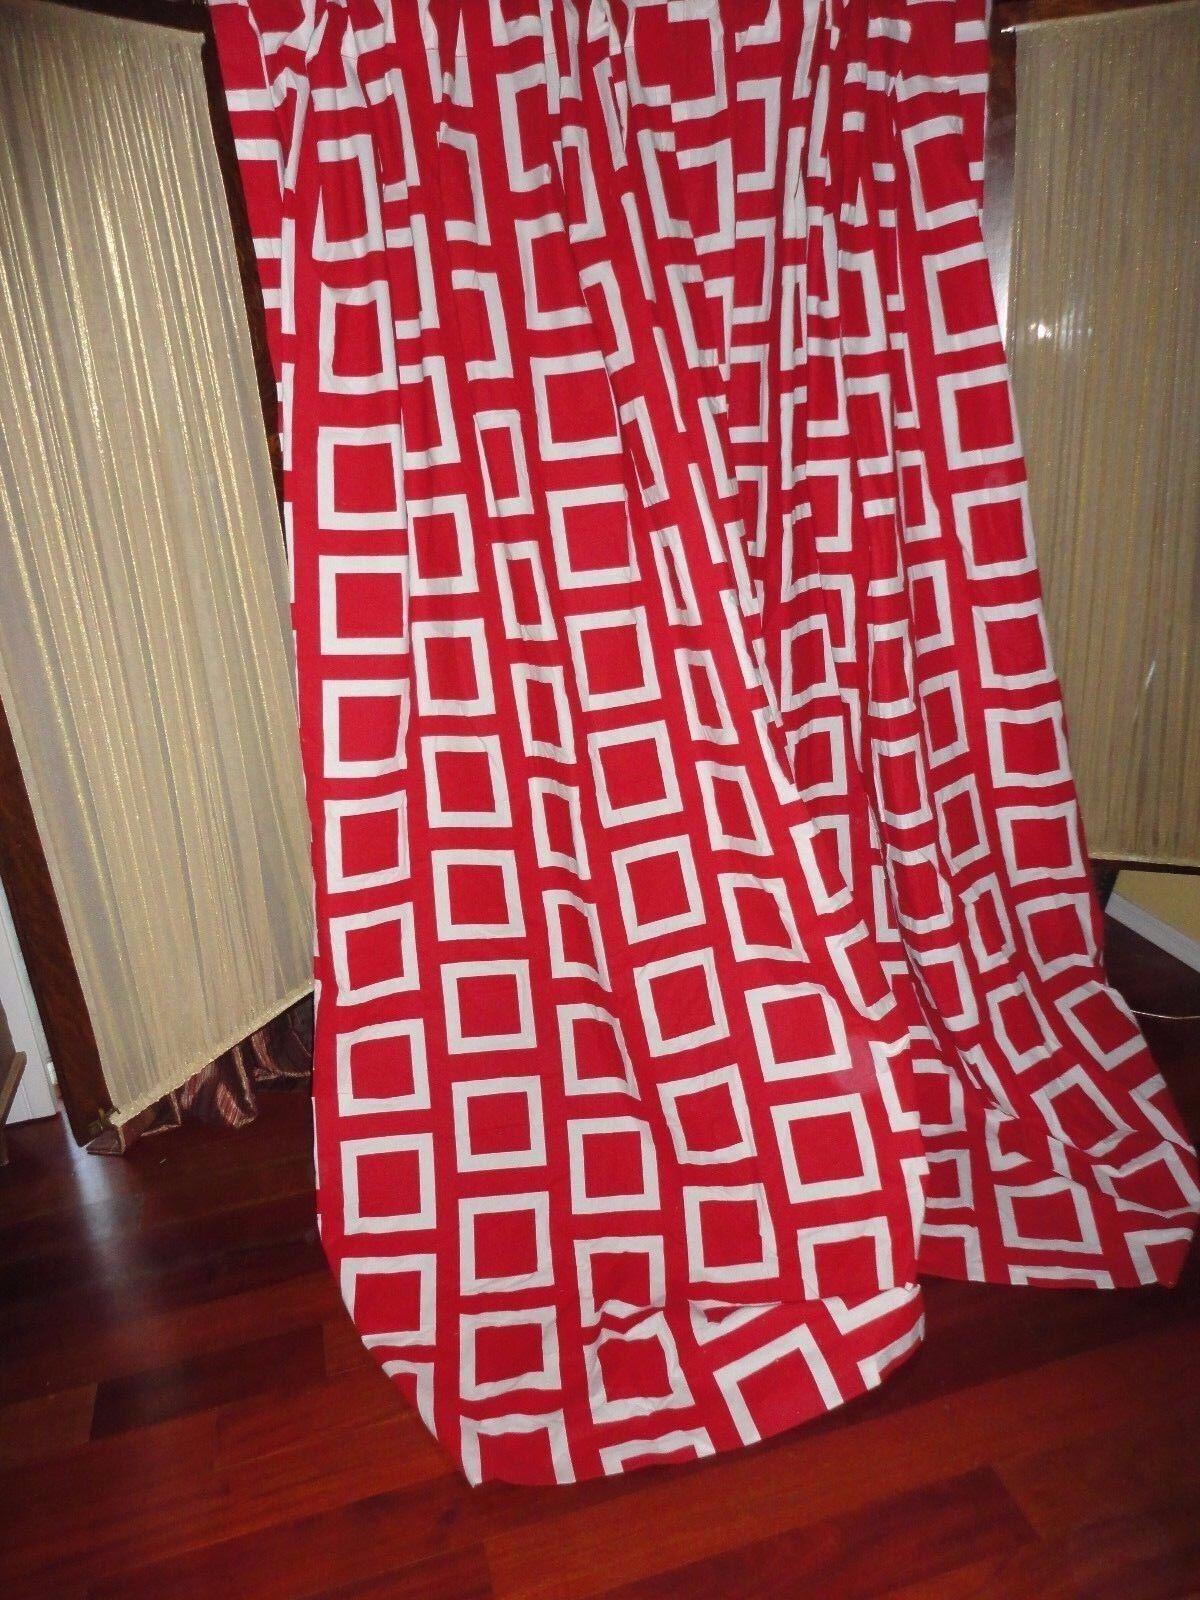 Ikea Jutta ruta rojo y blancoo geométrico (Par) Oculto ficha Paneles de cortinas 56 X 84